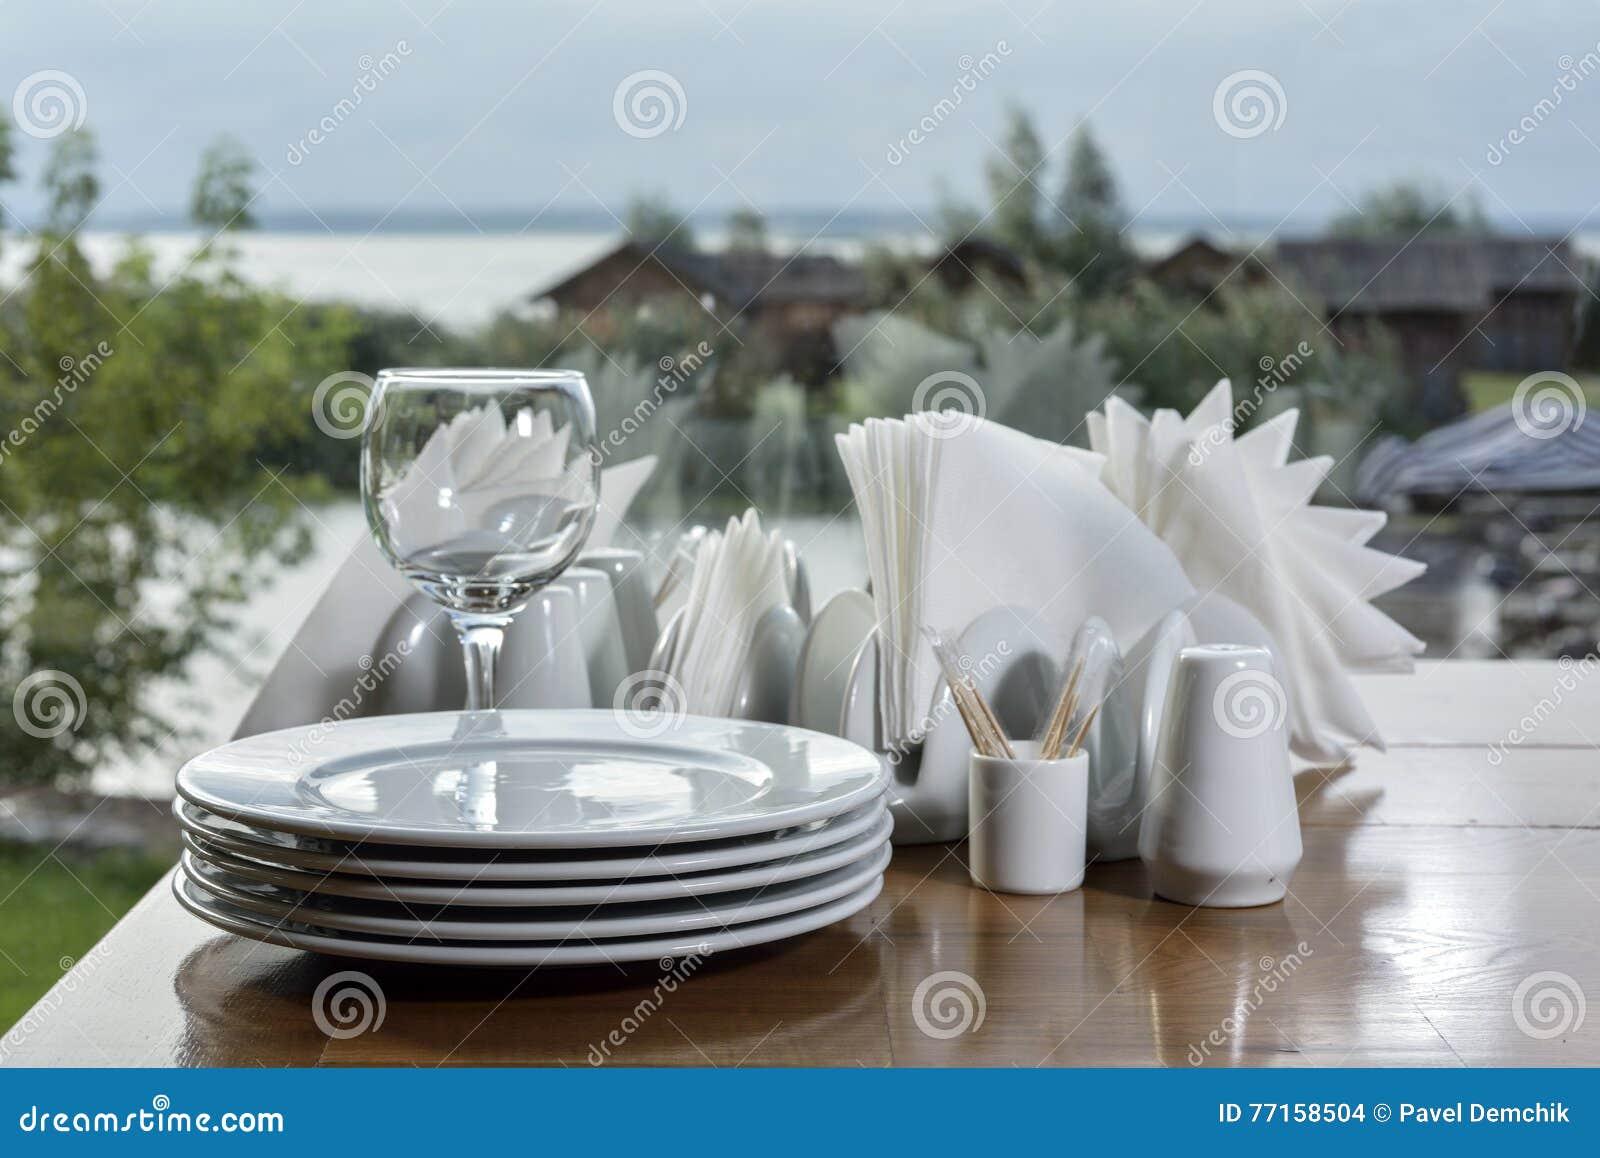 Pile de plats blancs sur la table